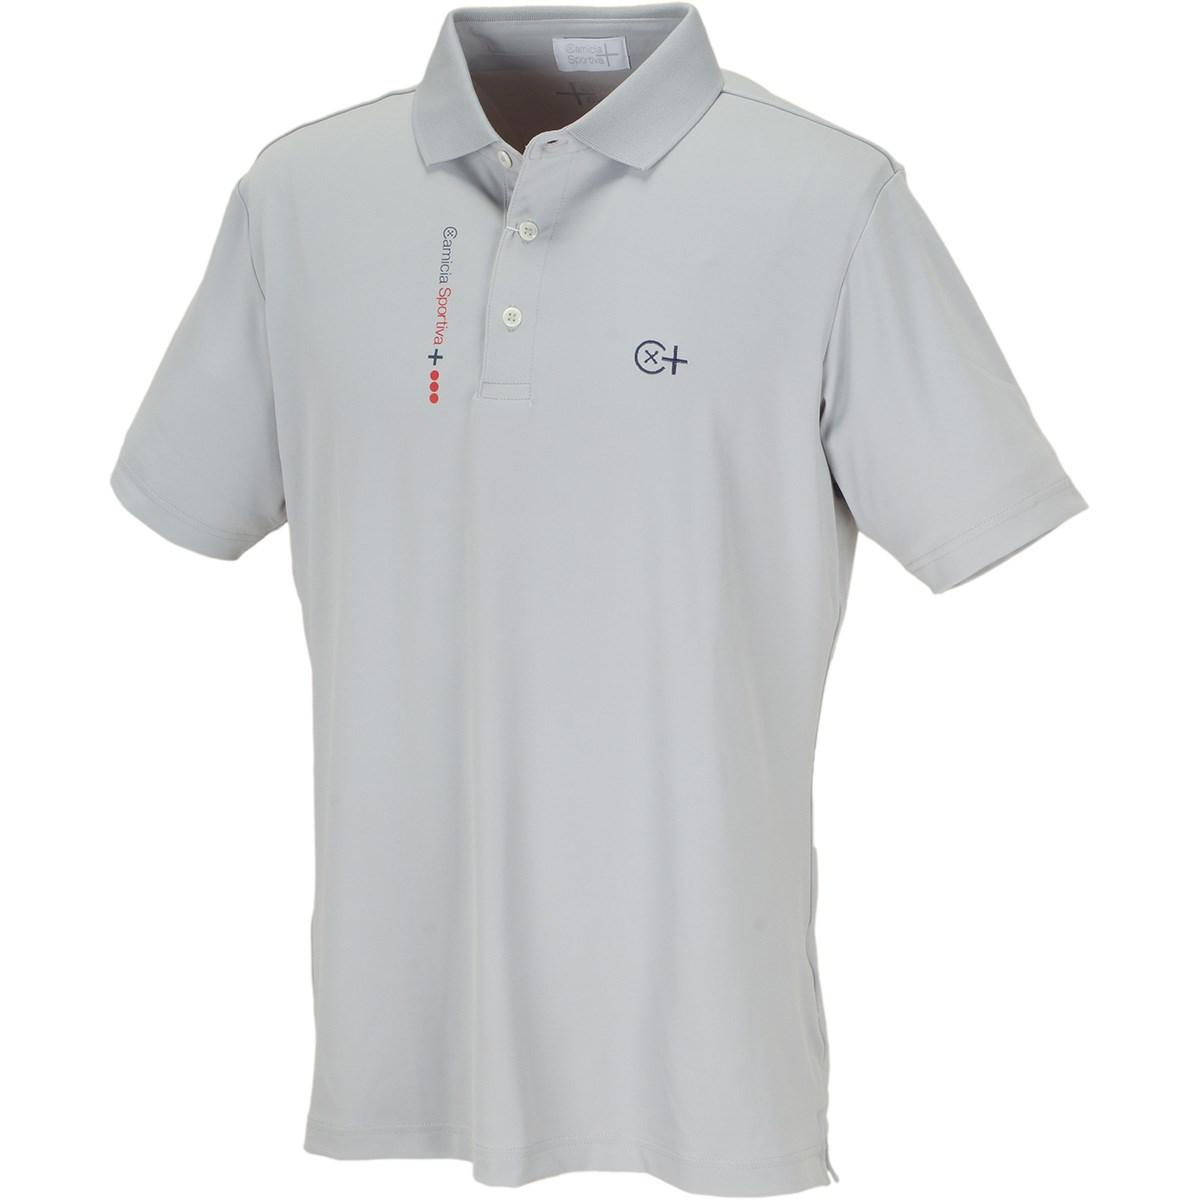 カミーチャスポルティーバプラス TWINCOT UV半袖ポロシャツ